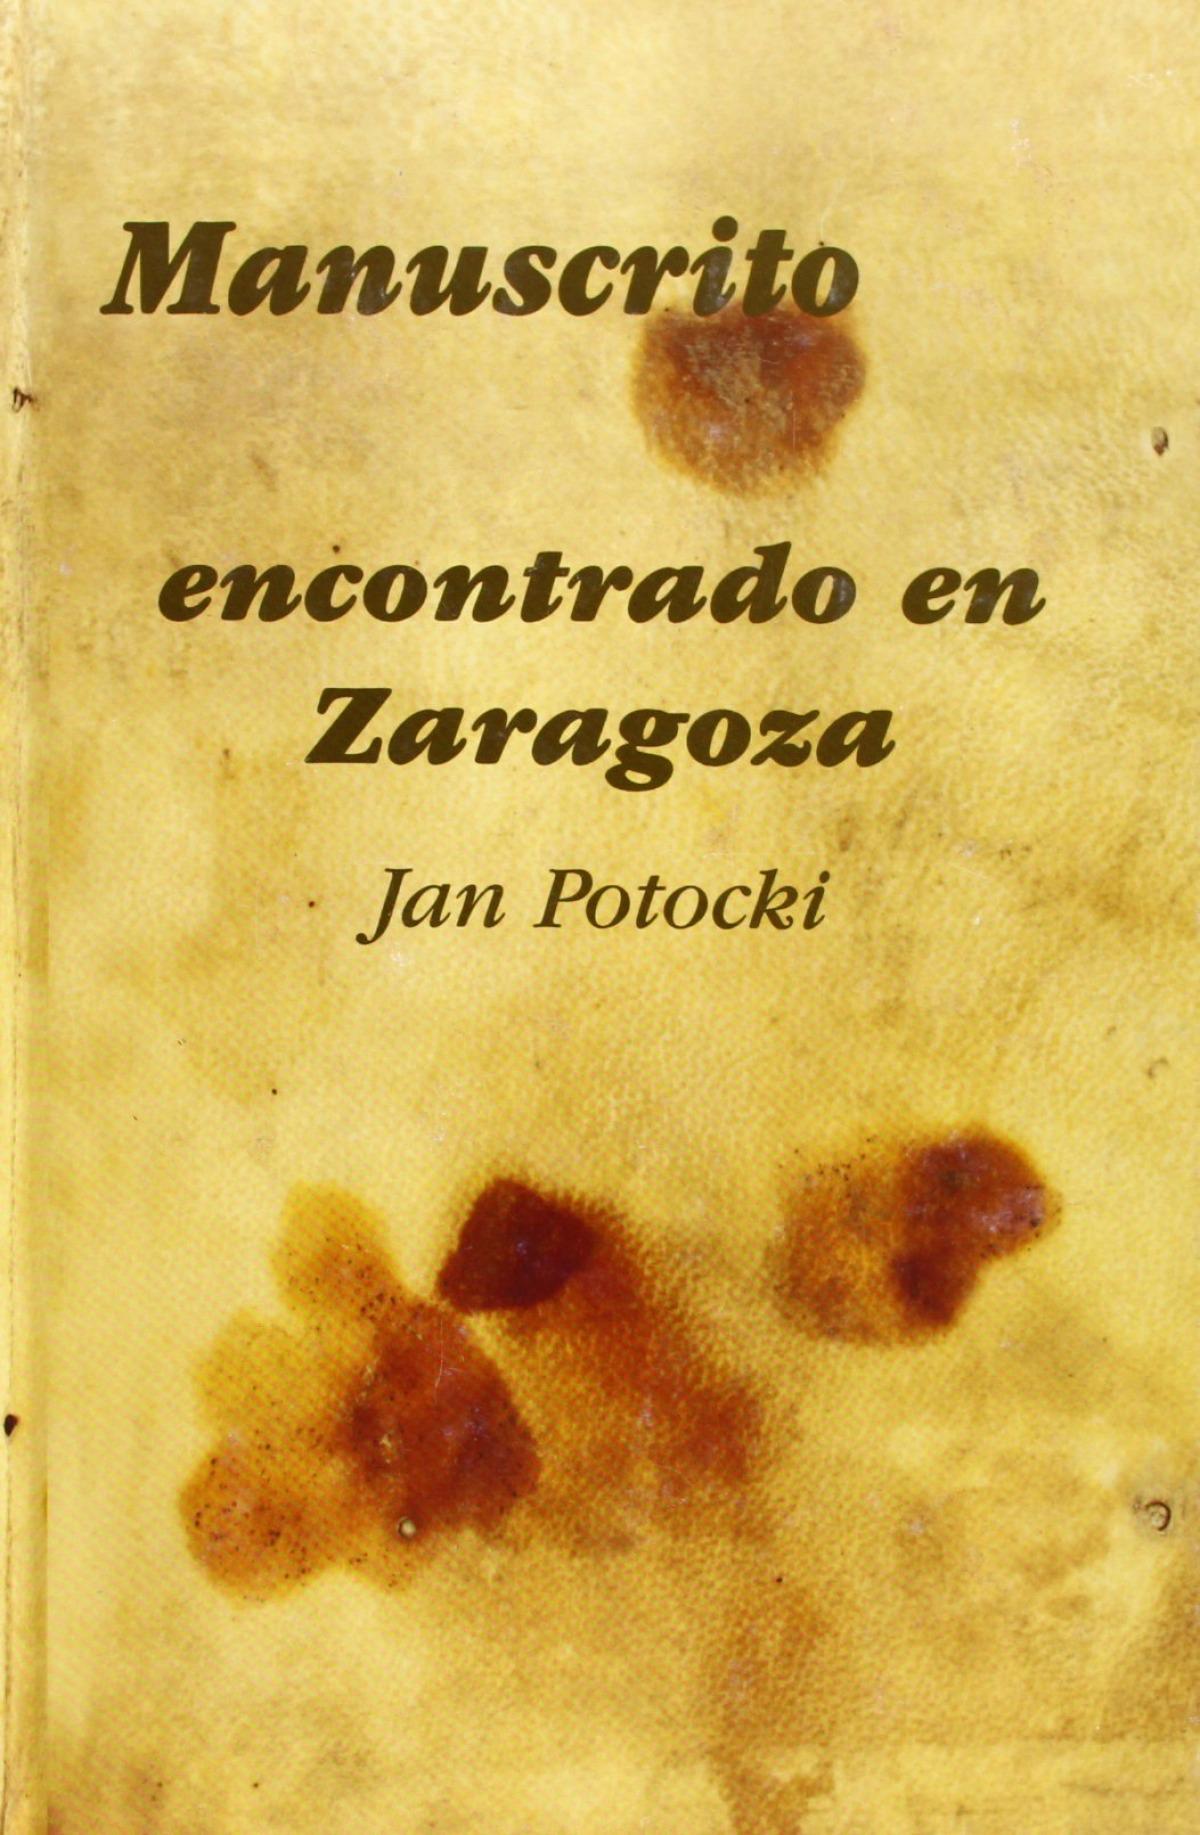 Manuscrito encontrado en Zaragoza 9788495855077